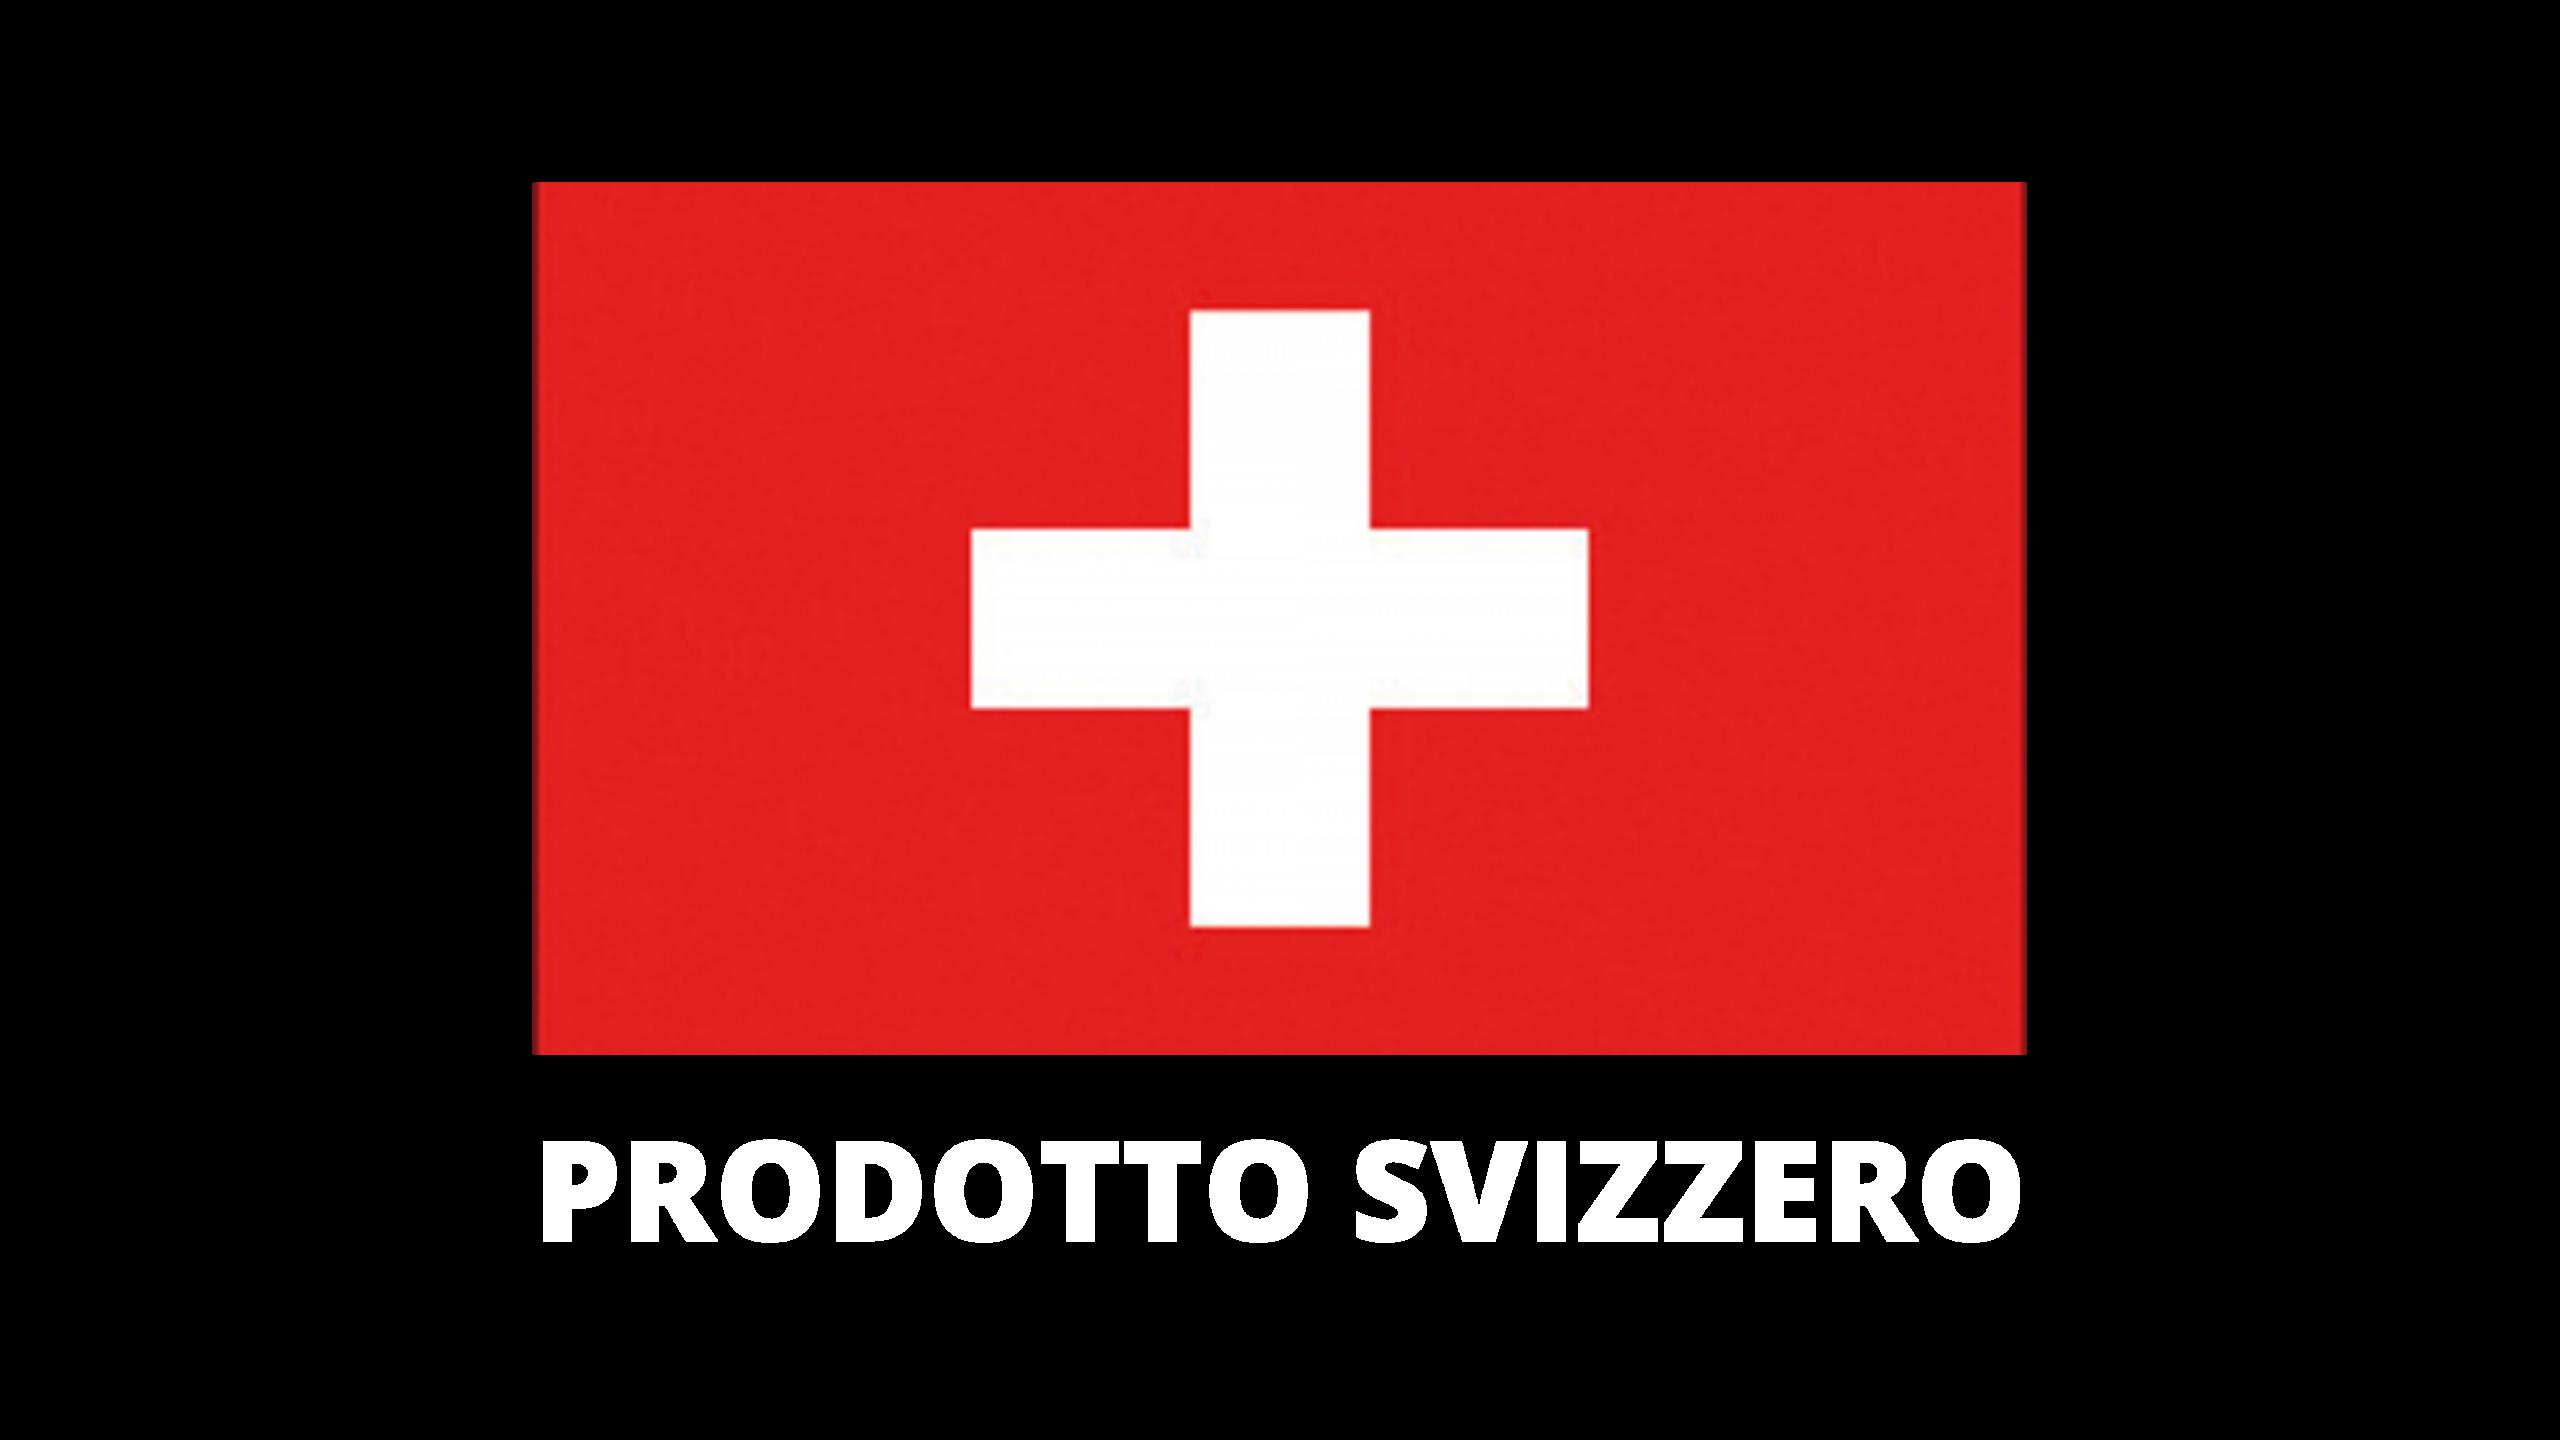 rayguard chip svizzera